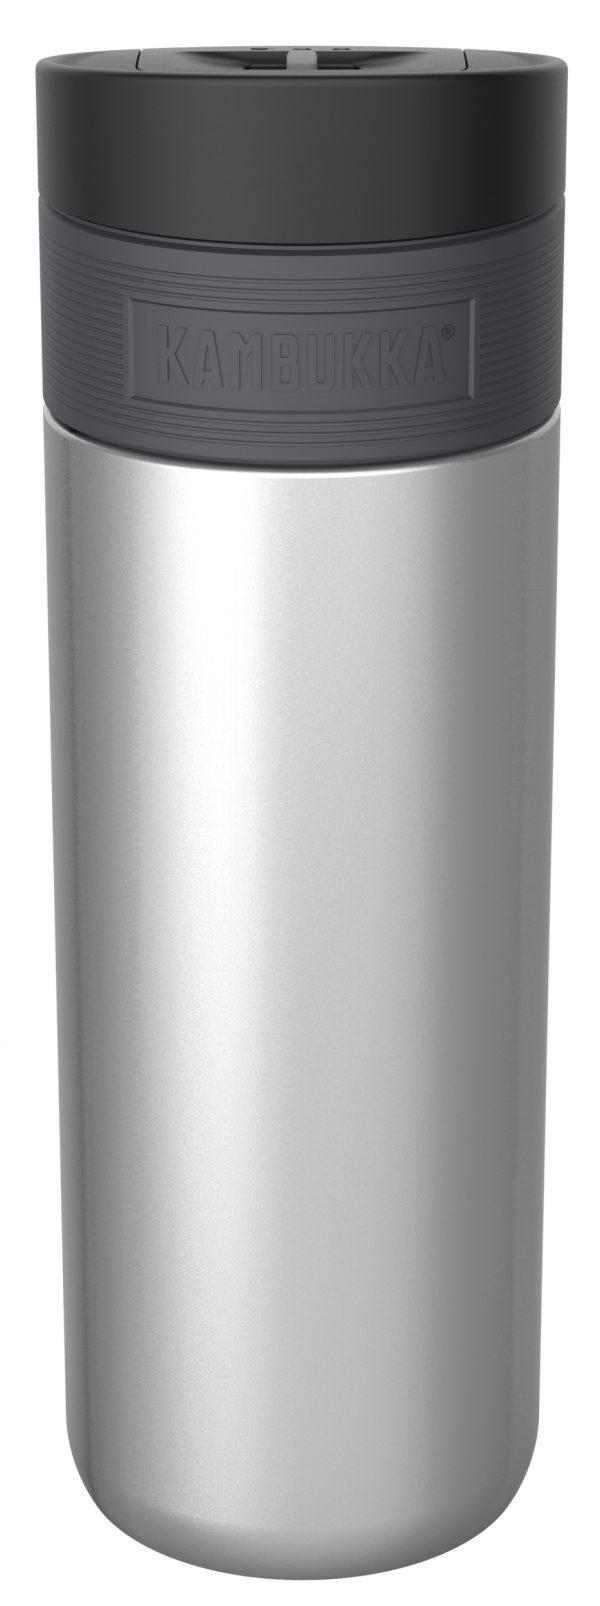 """בקבוק שתיה תרמי כסוף 500 מ""""ל Silver קמבוקה Kambukka Etna"""